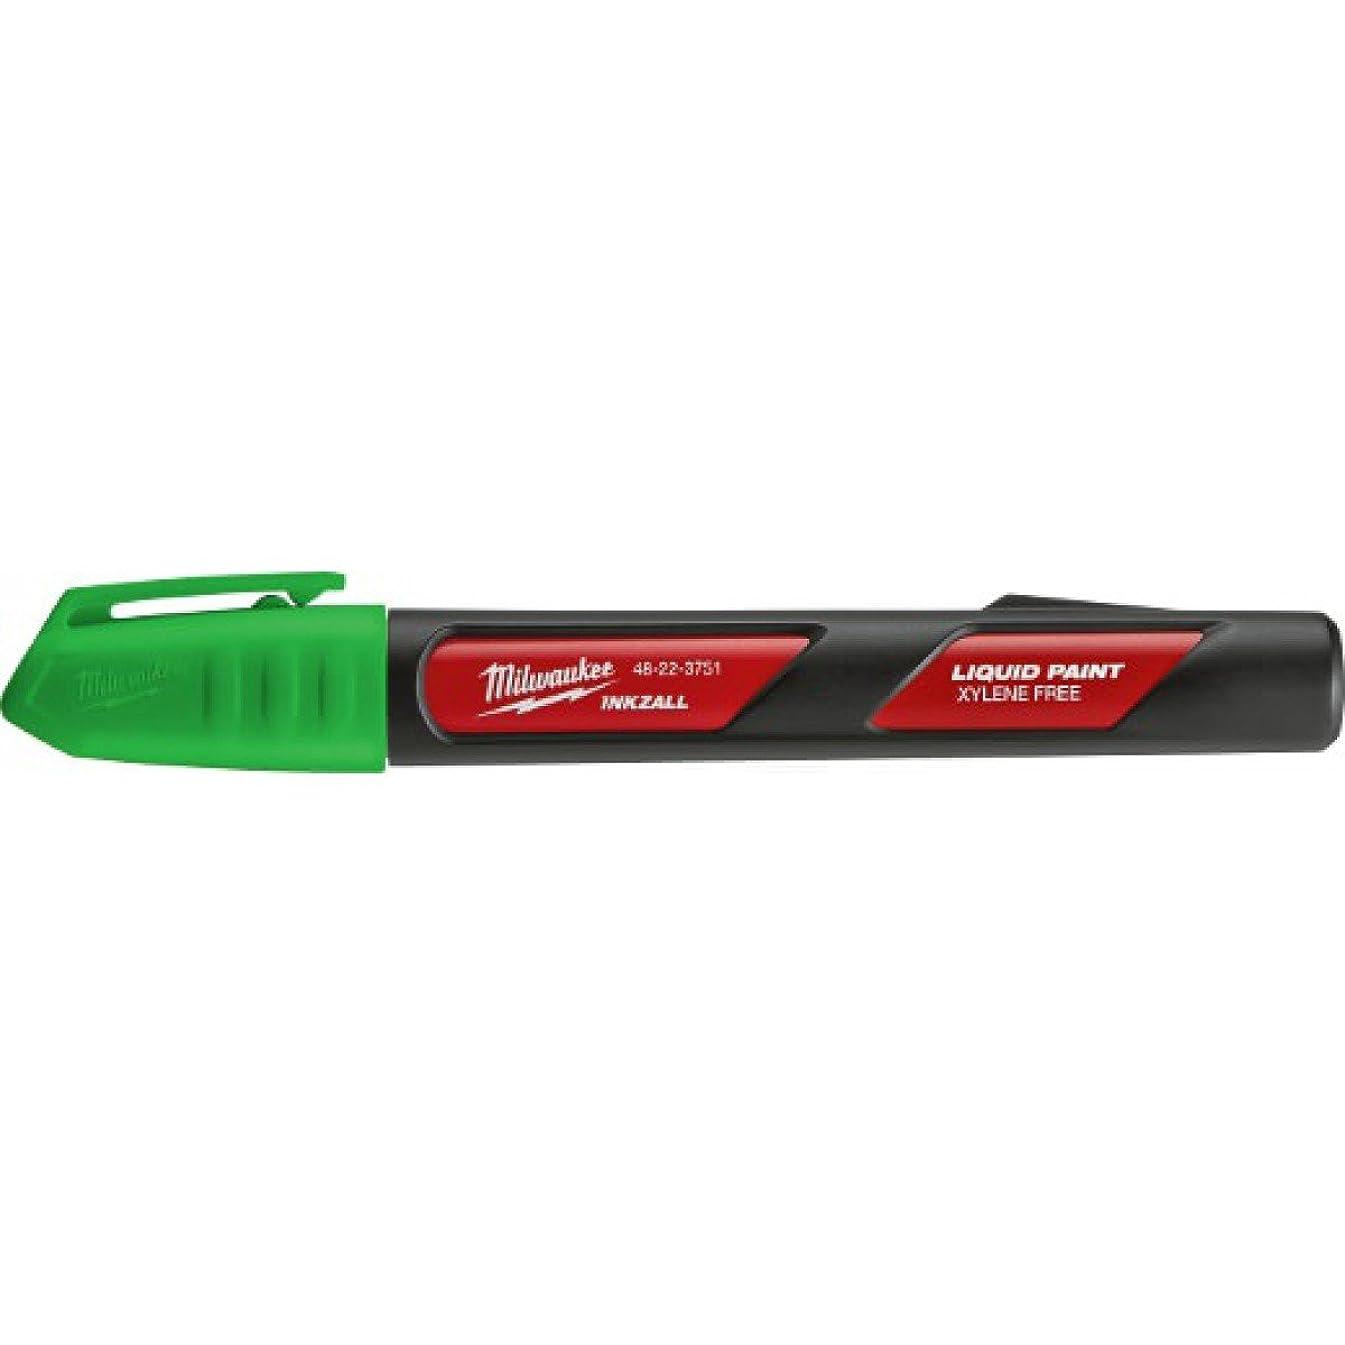 MILWAUKEE INKZALL Green Pai